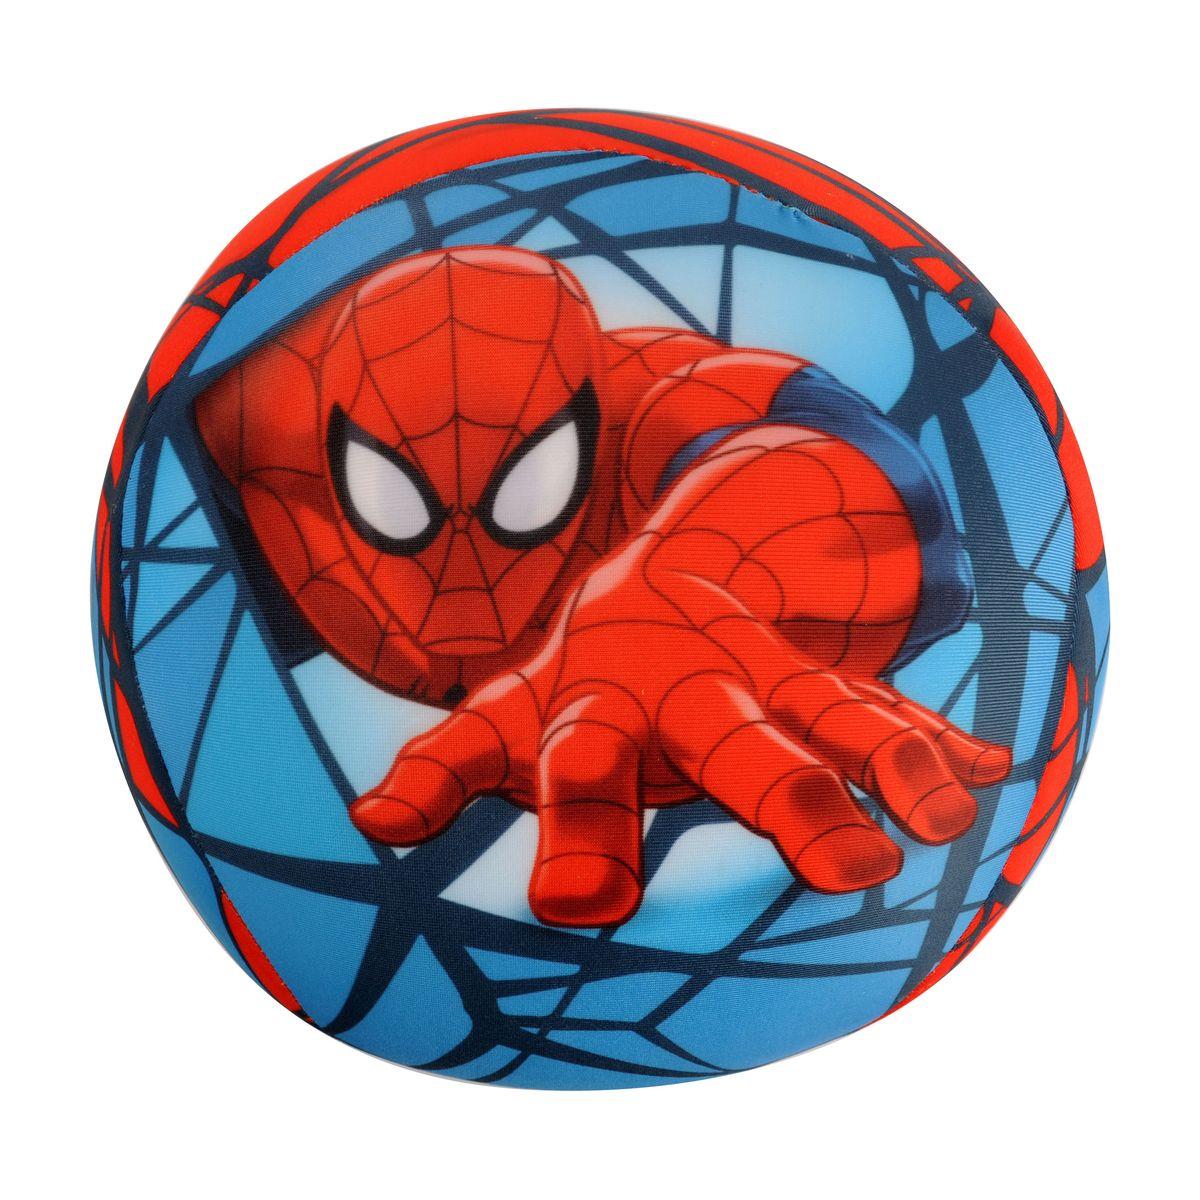 Подушка антистресс круглая 20см Человек-Паук65726Яркая подушка антистресс из эластичного нейлона в виде мяча с изображением героя Человек-Паук - отличный подарок для ребенка. Состав: трикотажная ткань - 85% нейлон, 15% полиуретан. Наполнитель - полистирол.